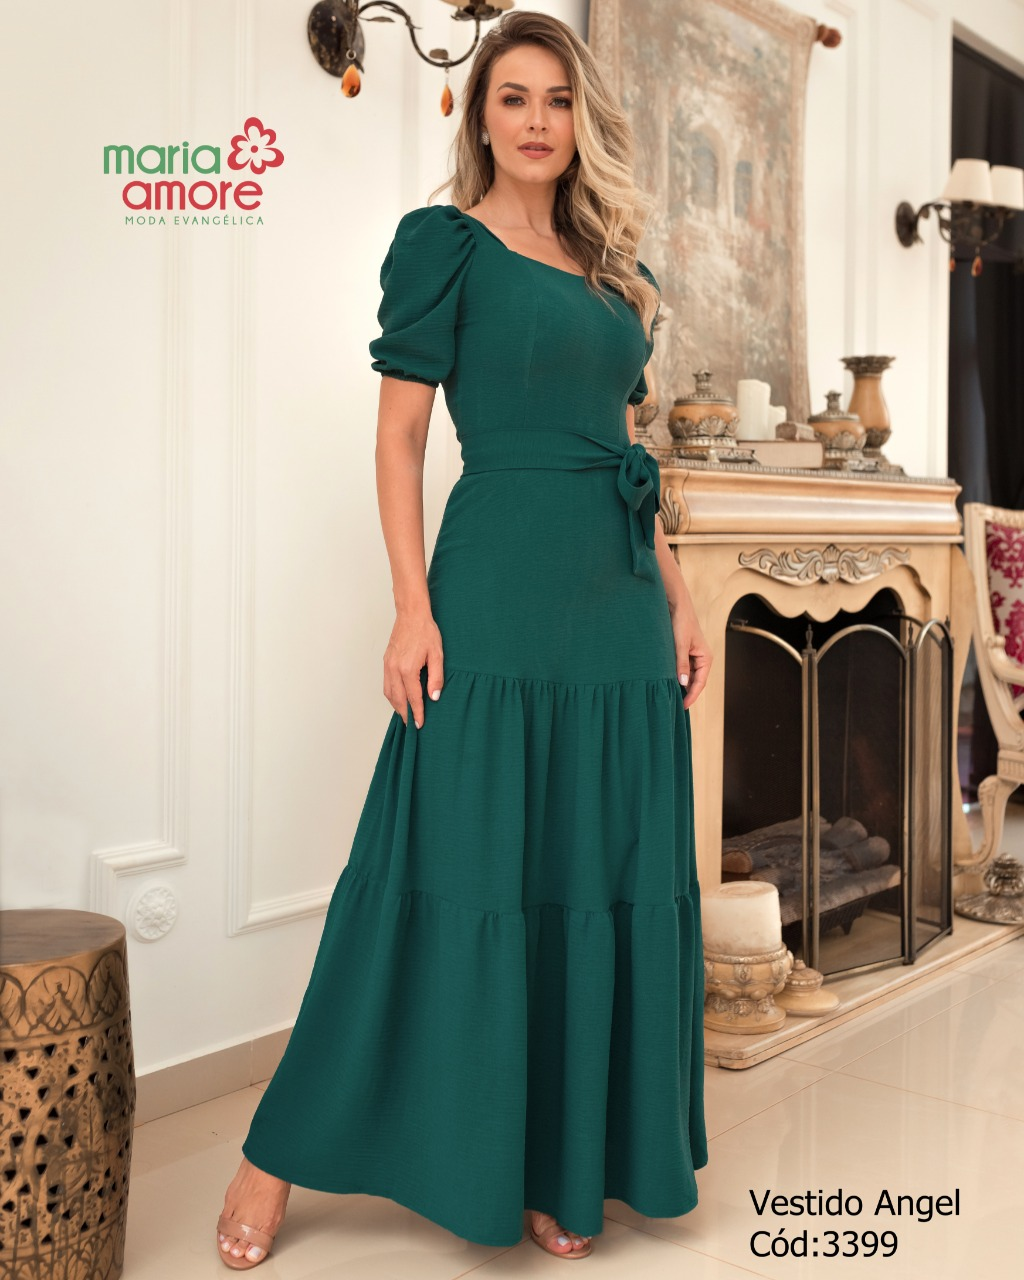 Vestido feminino longo com faixa Angel Maria Amore